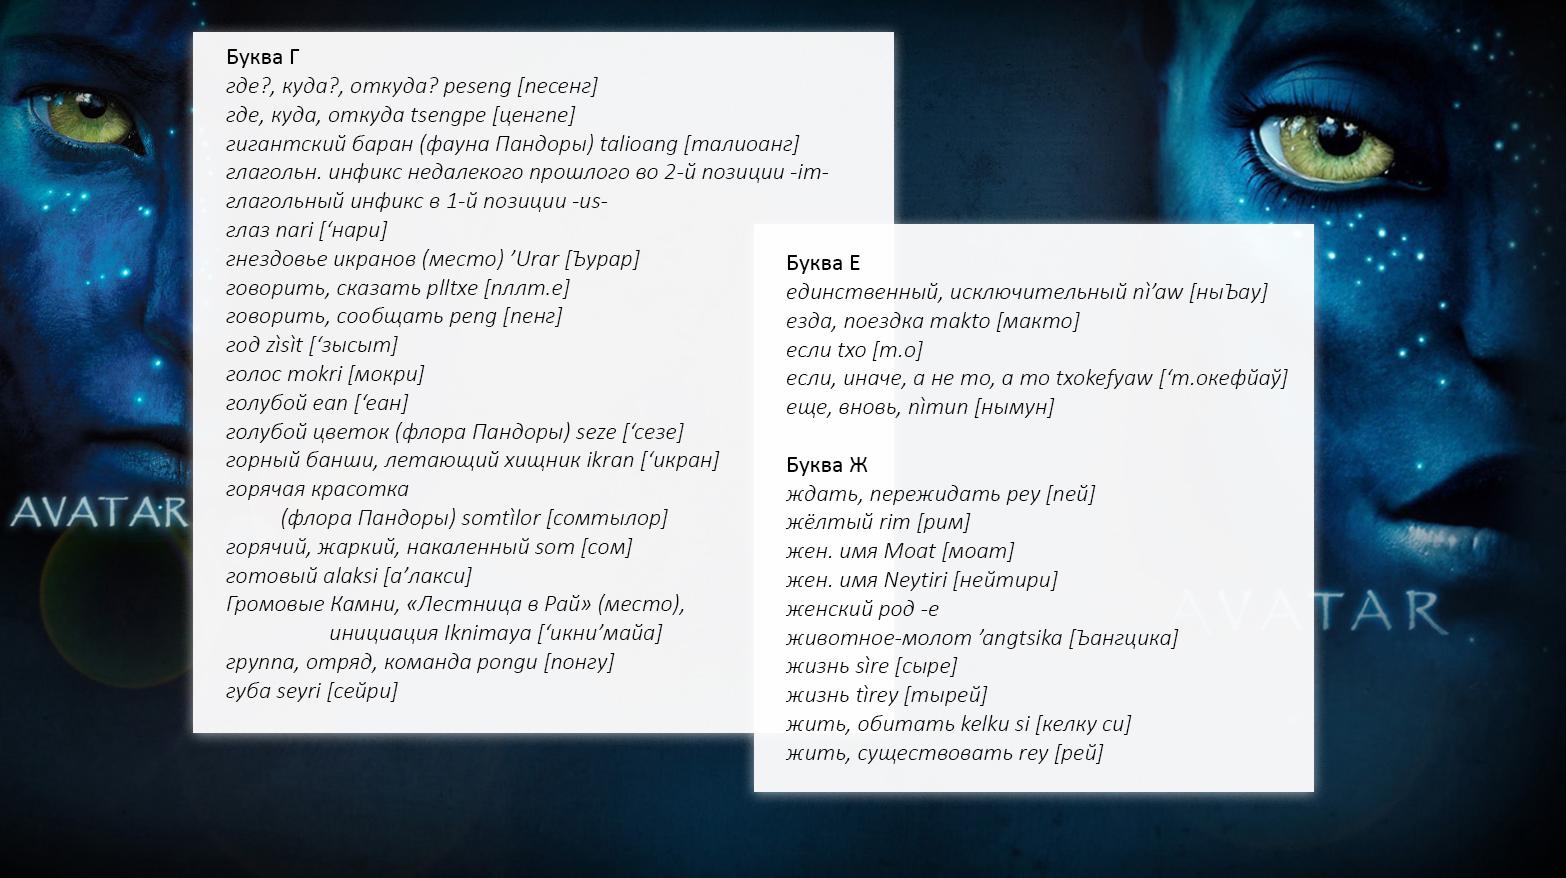 А вы бы смогли понять и изучить язык На'ви из фильма Аватар?